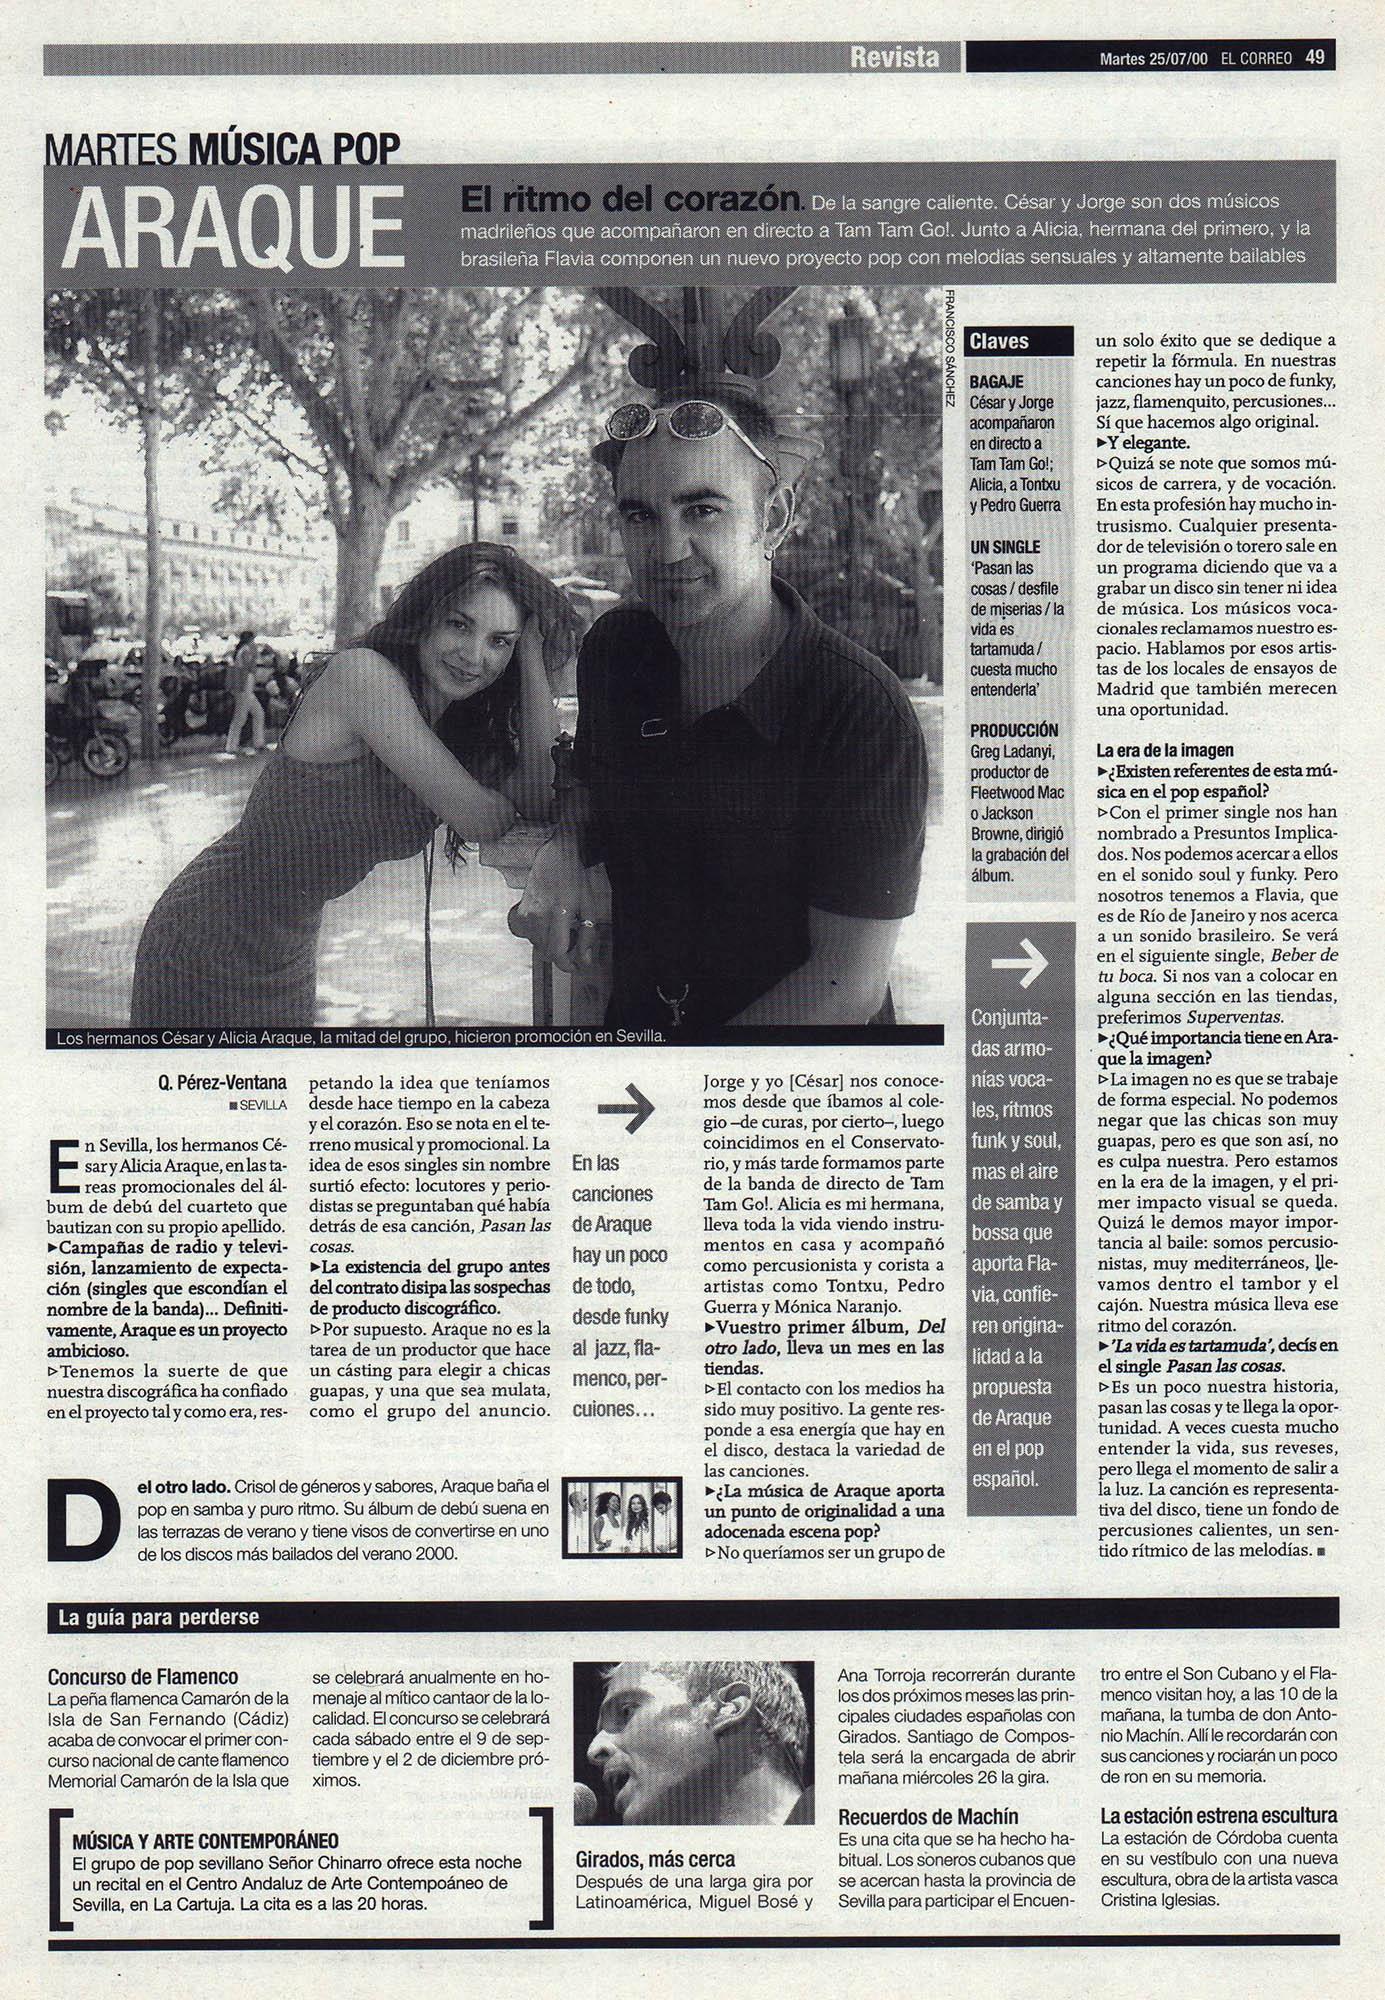 Araque: el ritmo del corazón - César y Alicia | El Correo de Andalucía | 25 jul 2000